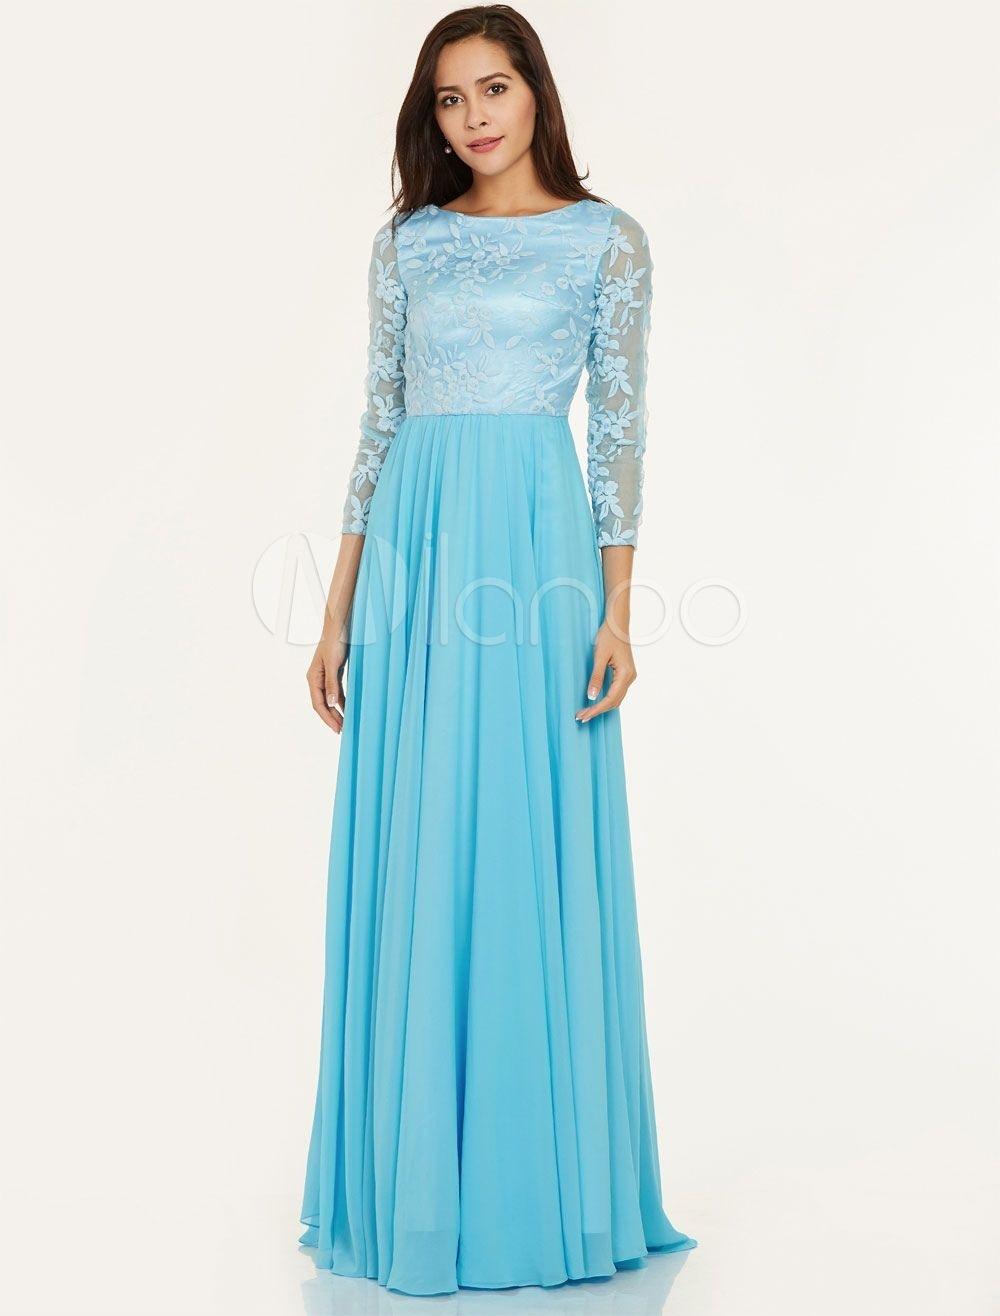 Abend Schön Kleid Hochzeitsgast Lang VertriebDesigner Wunderbar Kleid Hochzeitsgast Lang Spezialgebiet